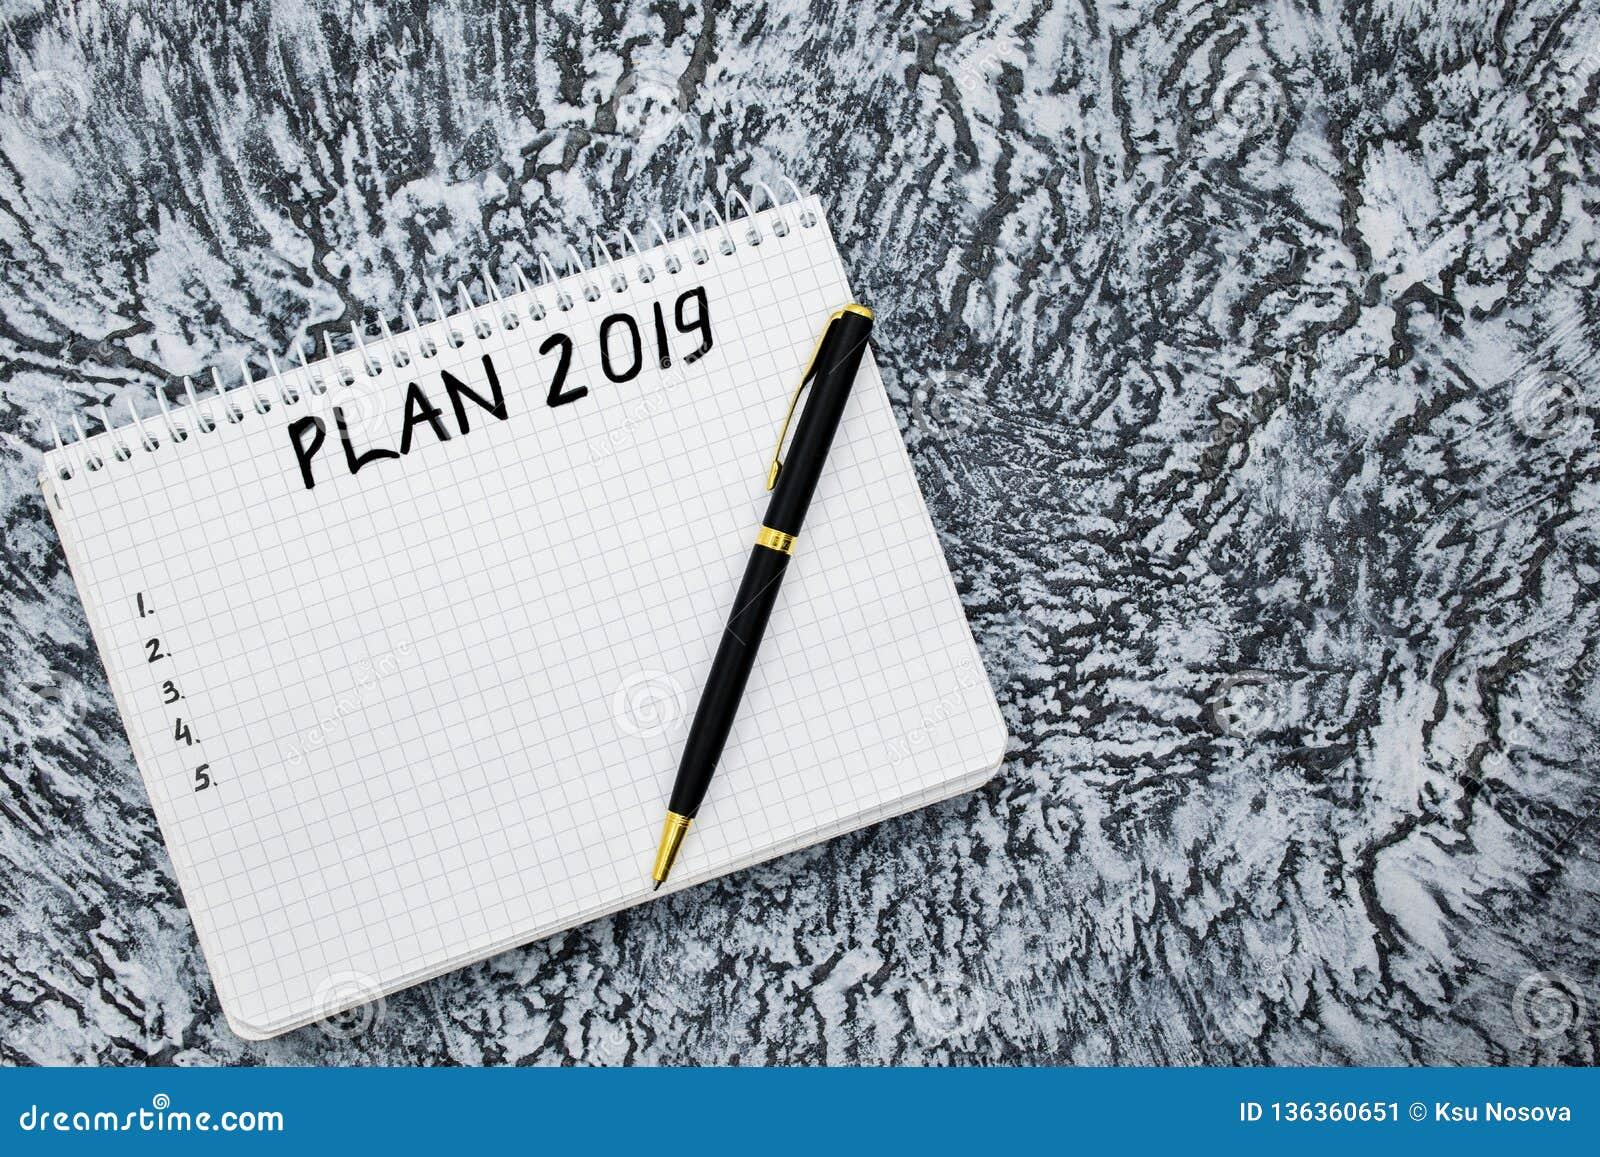 План на 2019, блокнот и ручка на текстурированной серой предпосылке